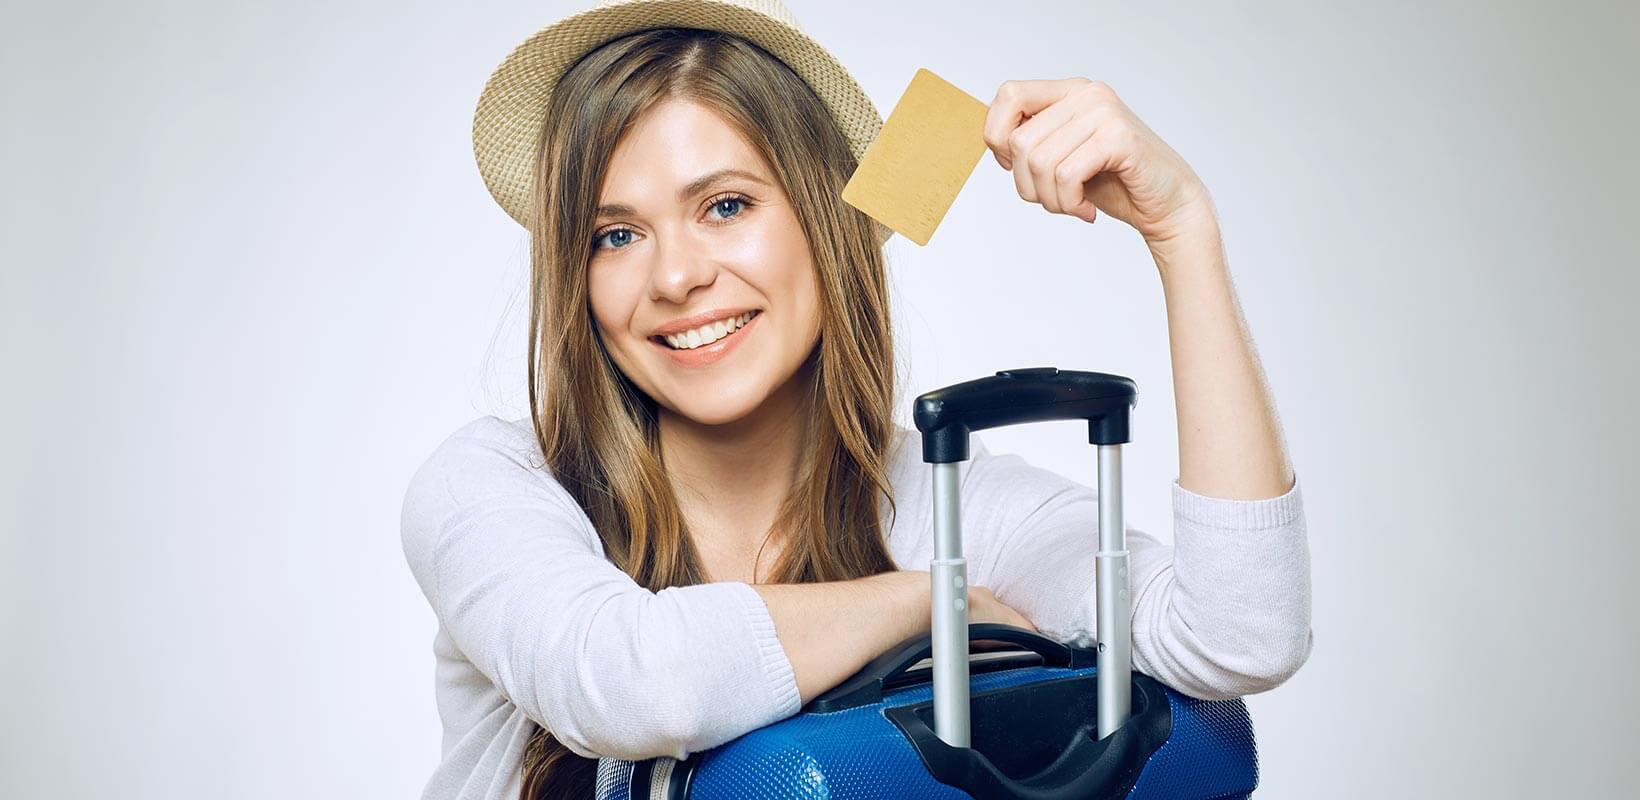 luottokortti matkalla